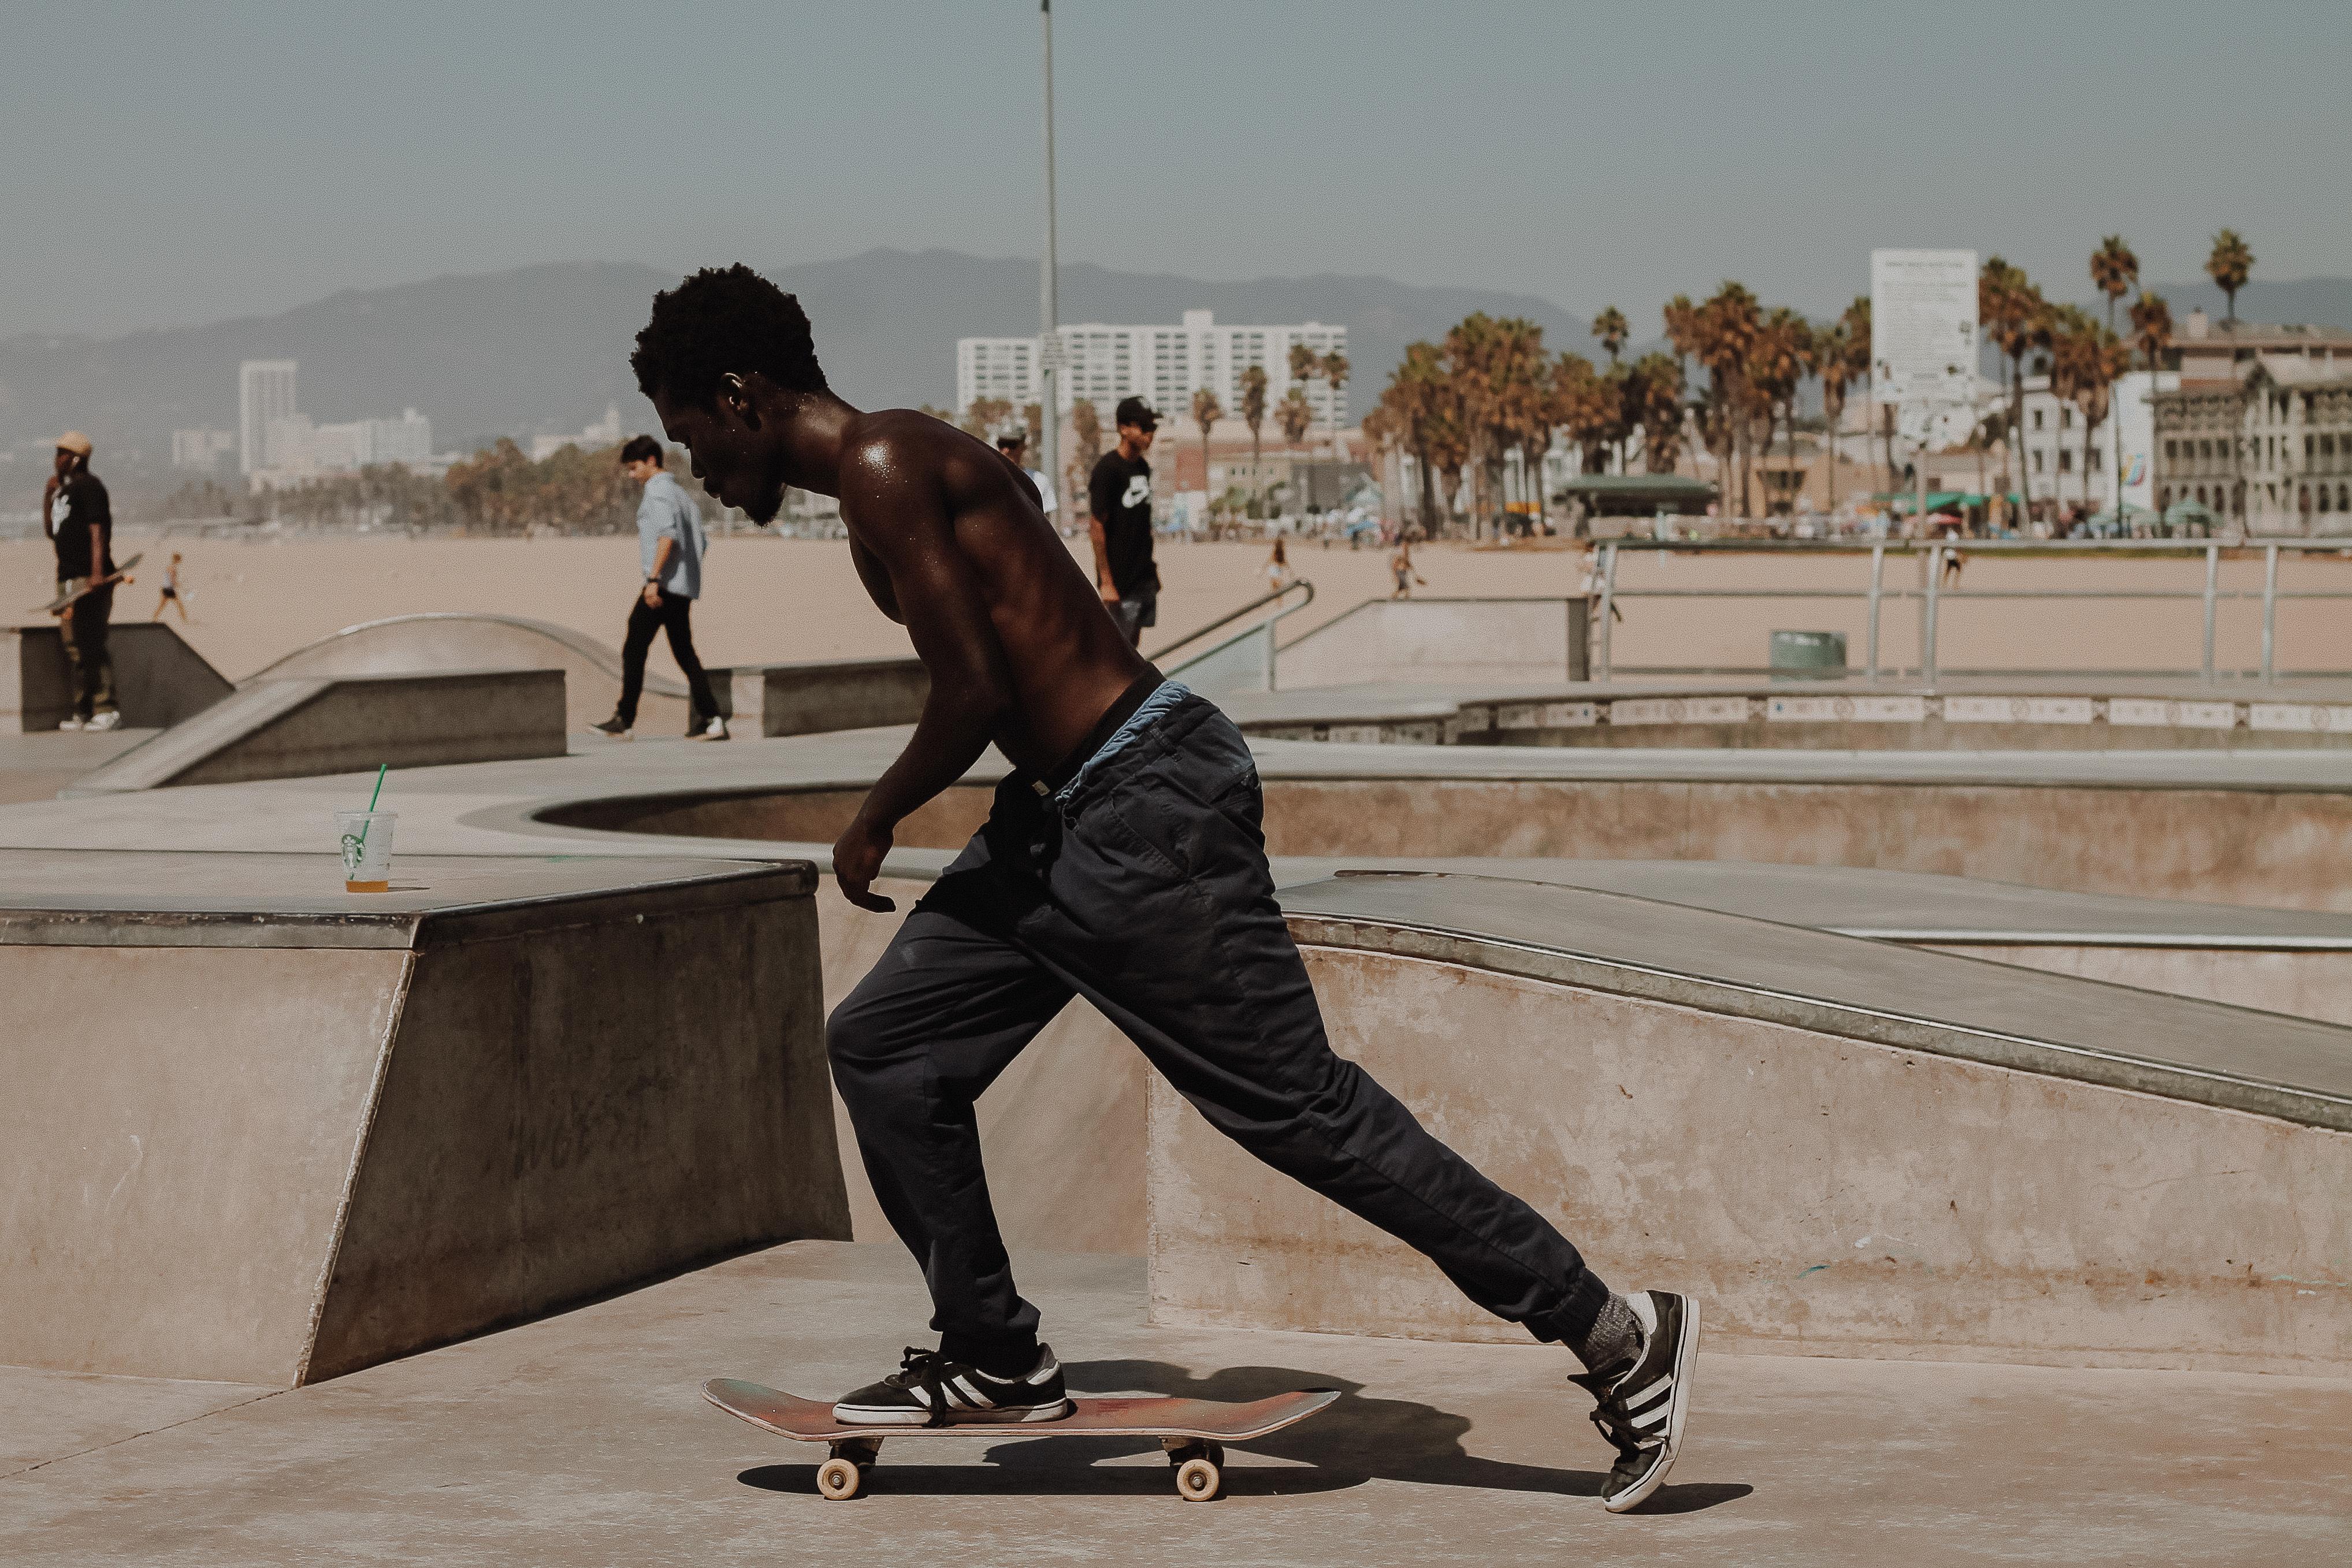 Beach skatepark